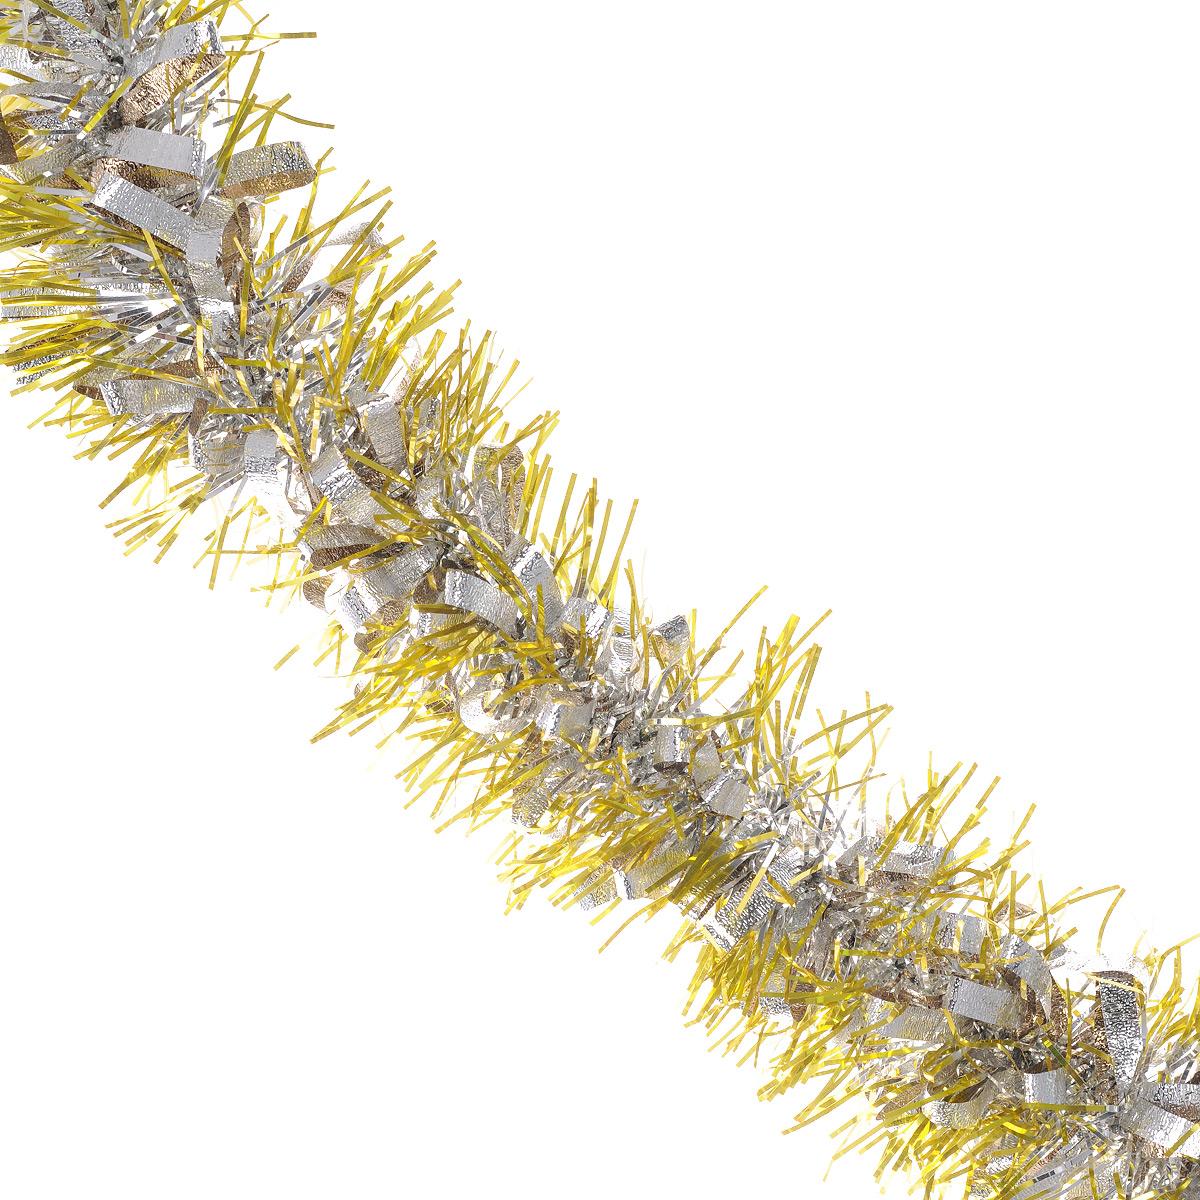 Мишура новогодняя Sima-land, цвет: золотистый, серебристый, диаметр 8 см, длина 2 м. 702579702579Мишура новогодняя Sima-land, выполненная из двухцветной фольги, поможет вам украсить свой дом к предстоящим праздникам. Мишура армирована, то есть имеет проволоку внутри и способна сохранять приданную ей форму.Новогодняя елка с таким украшением станет еще наряднее. Новогодней мишурой можно украсить все, что угодно - елку, квартиру, дачу, офис - как внутри, так и снаружи. Можно сложить новогодние поздравления, буквы и цифры, мишурой можно украсить и дополнить гирлянды, можно выделить дверные колонны, оплести дверные проемы. Коллекция декоративных украшений из серии Зимнее волшебство принесет в ваш дом ни с чем несравнимое ощущение праздника! Создайте в своем доме атмосферу тепла, веселья и радости, украшая его всей семьей.